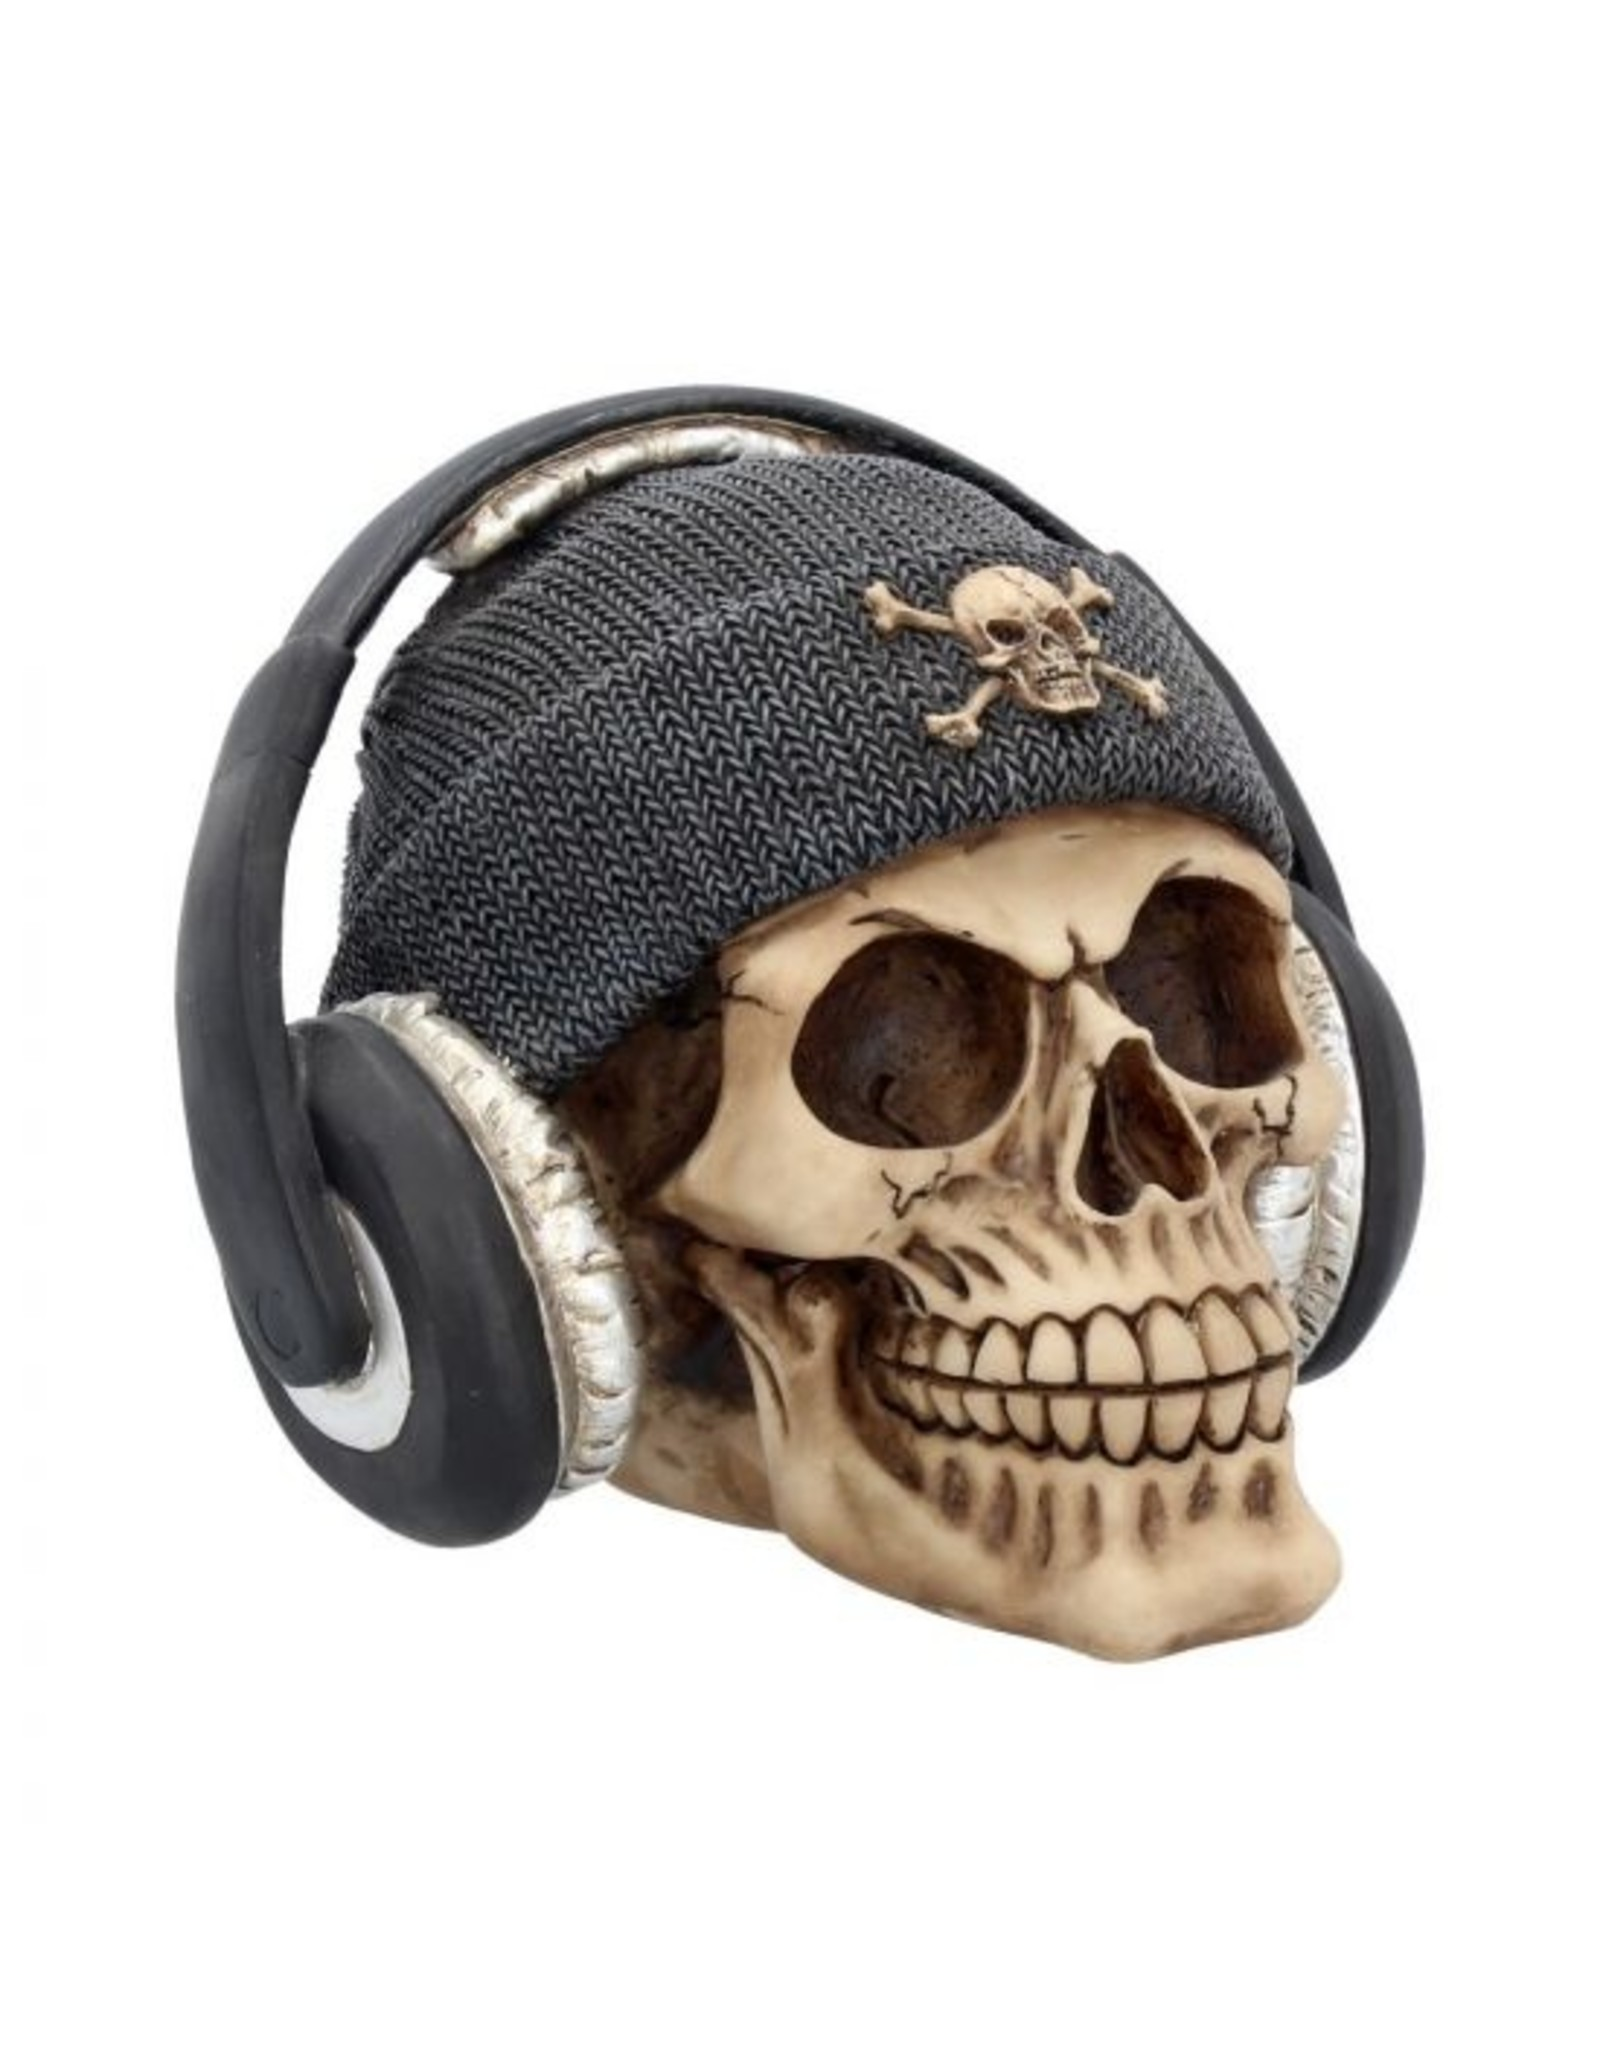 Totenkopf mit Kopfhörern Dead Beat (Grau) 17cm